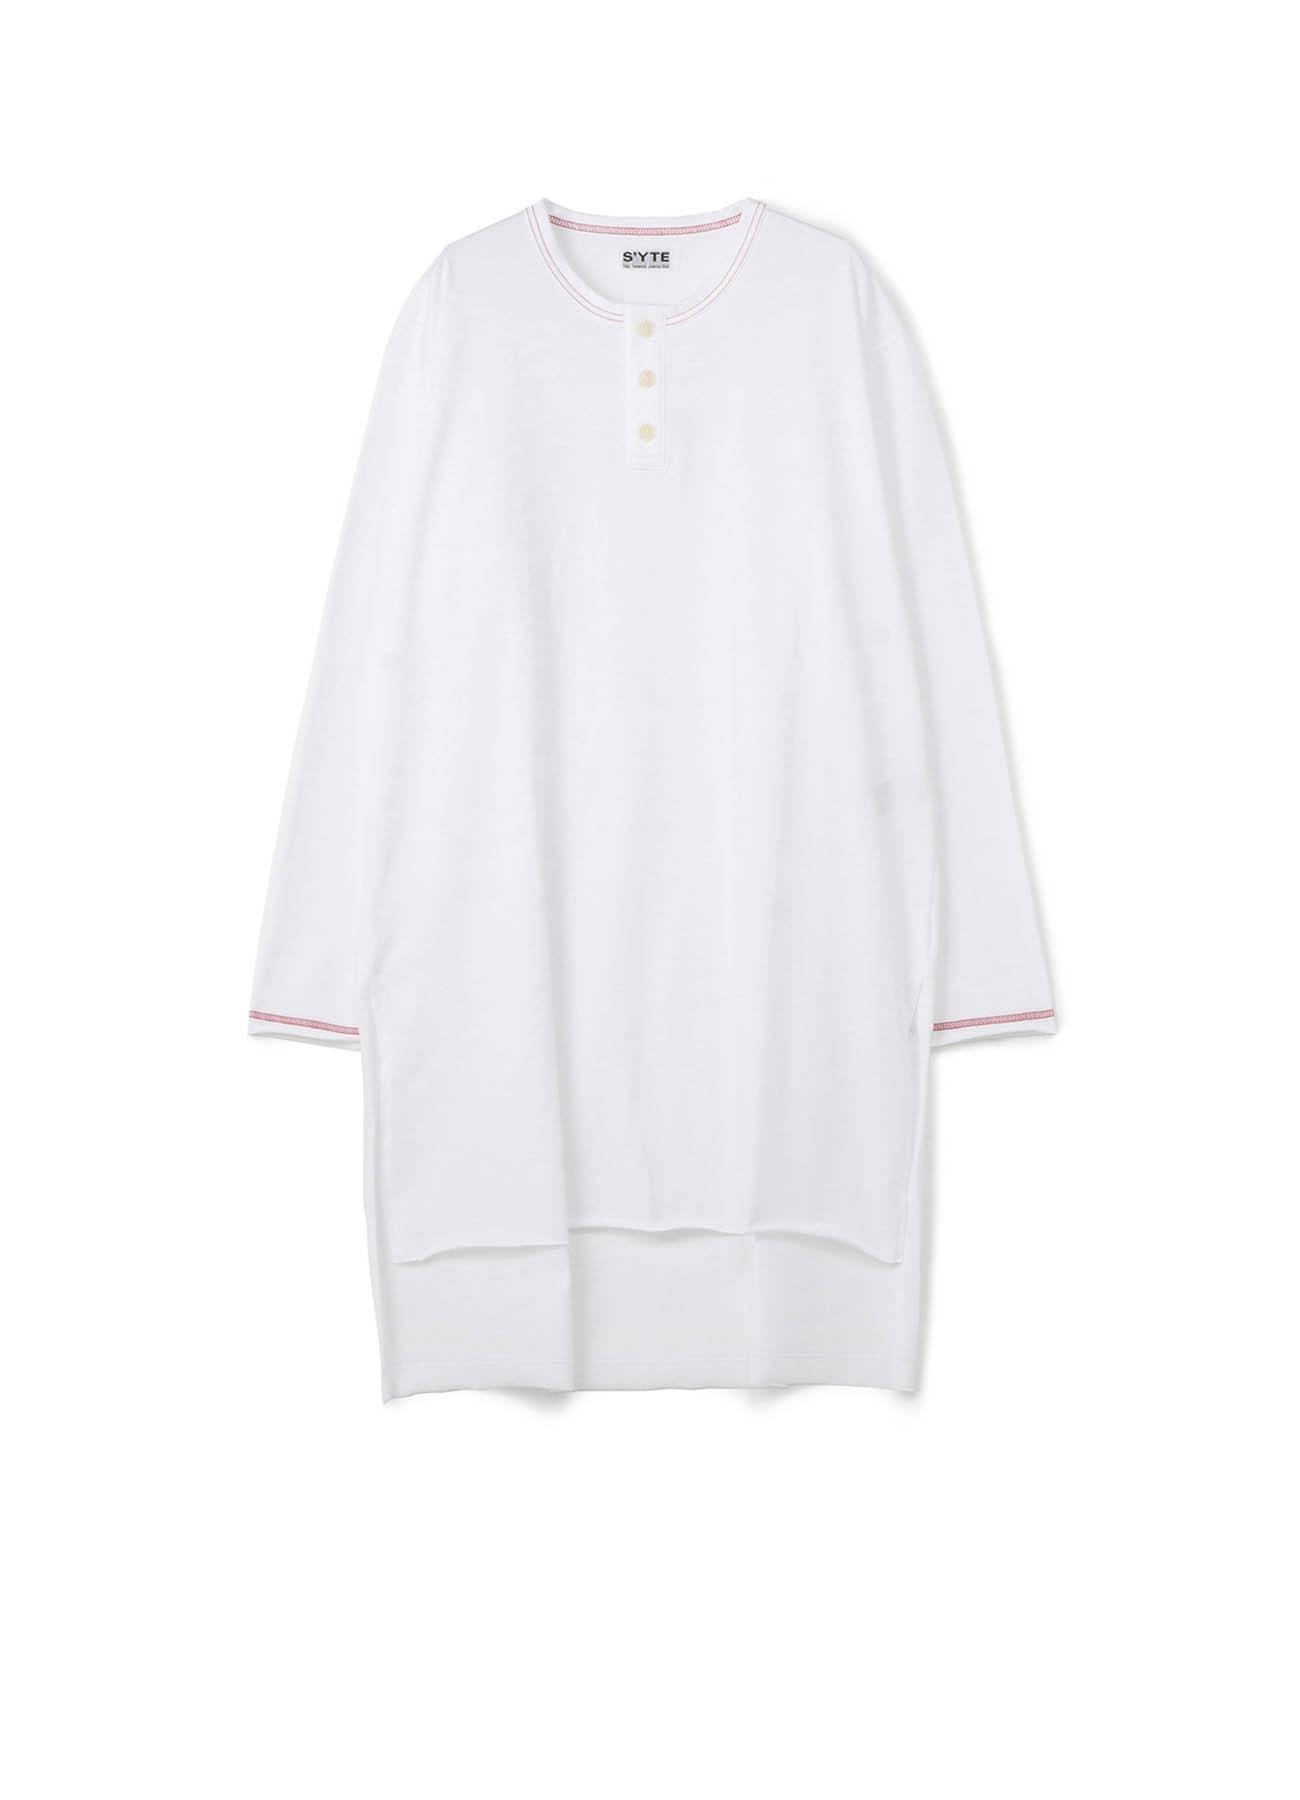 40/2 Cotton Jersey Color Stitch Setin Henry Neck Long Sleeve T